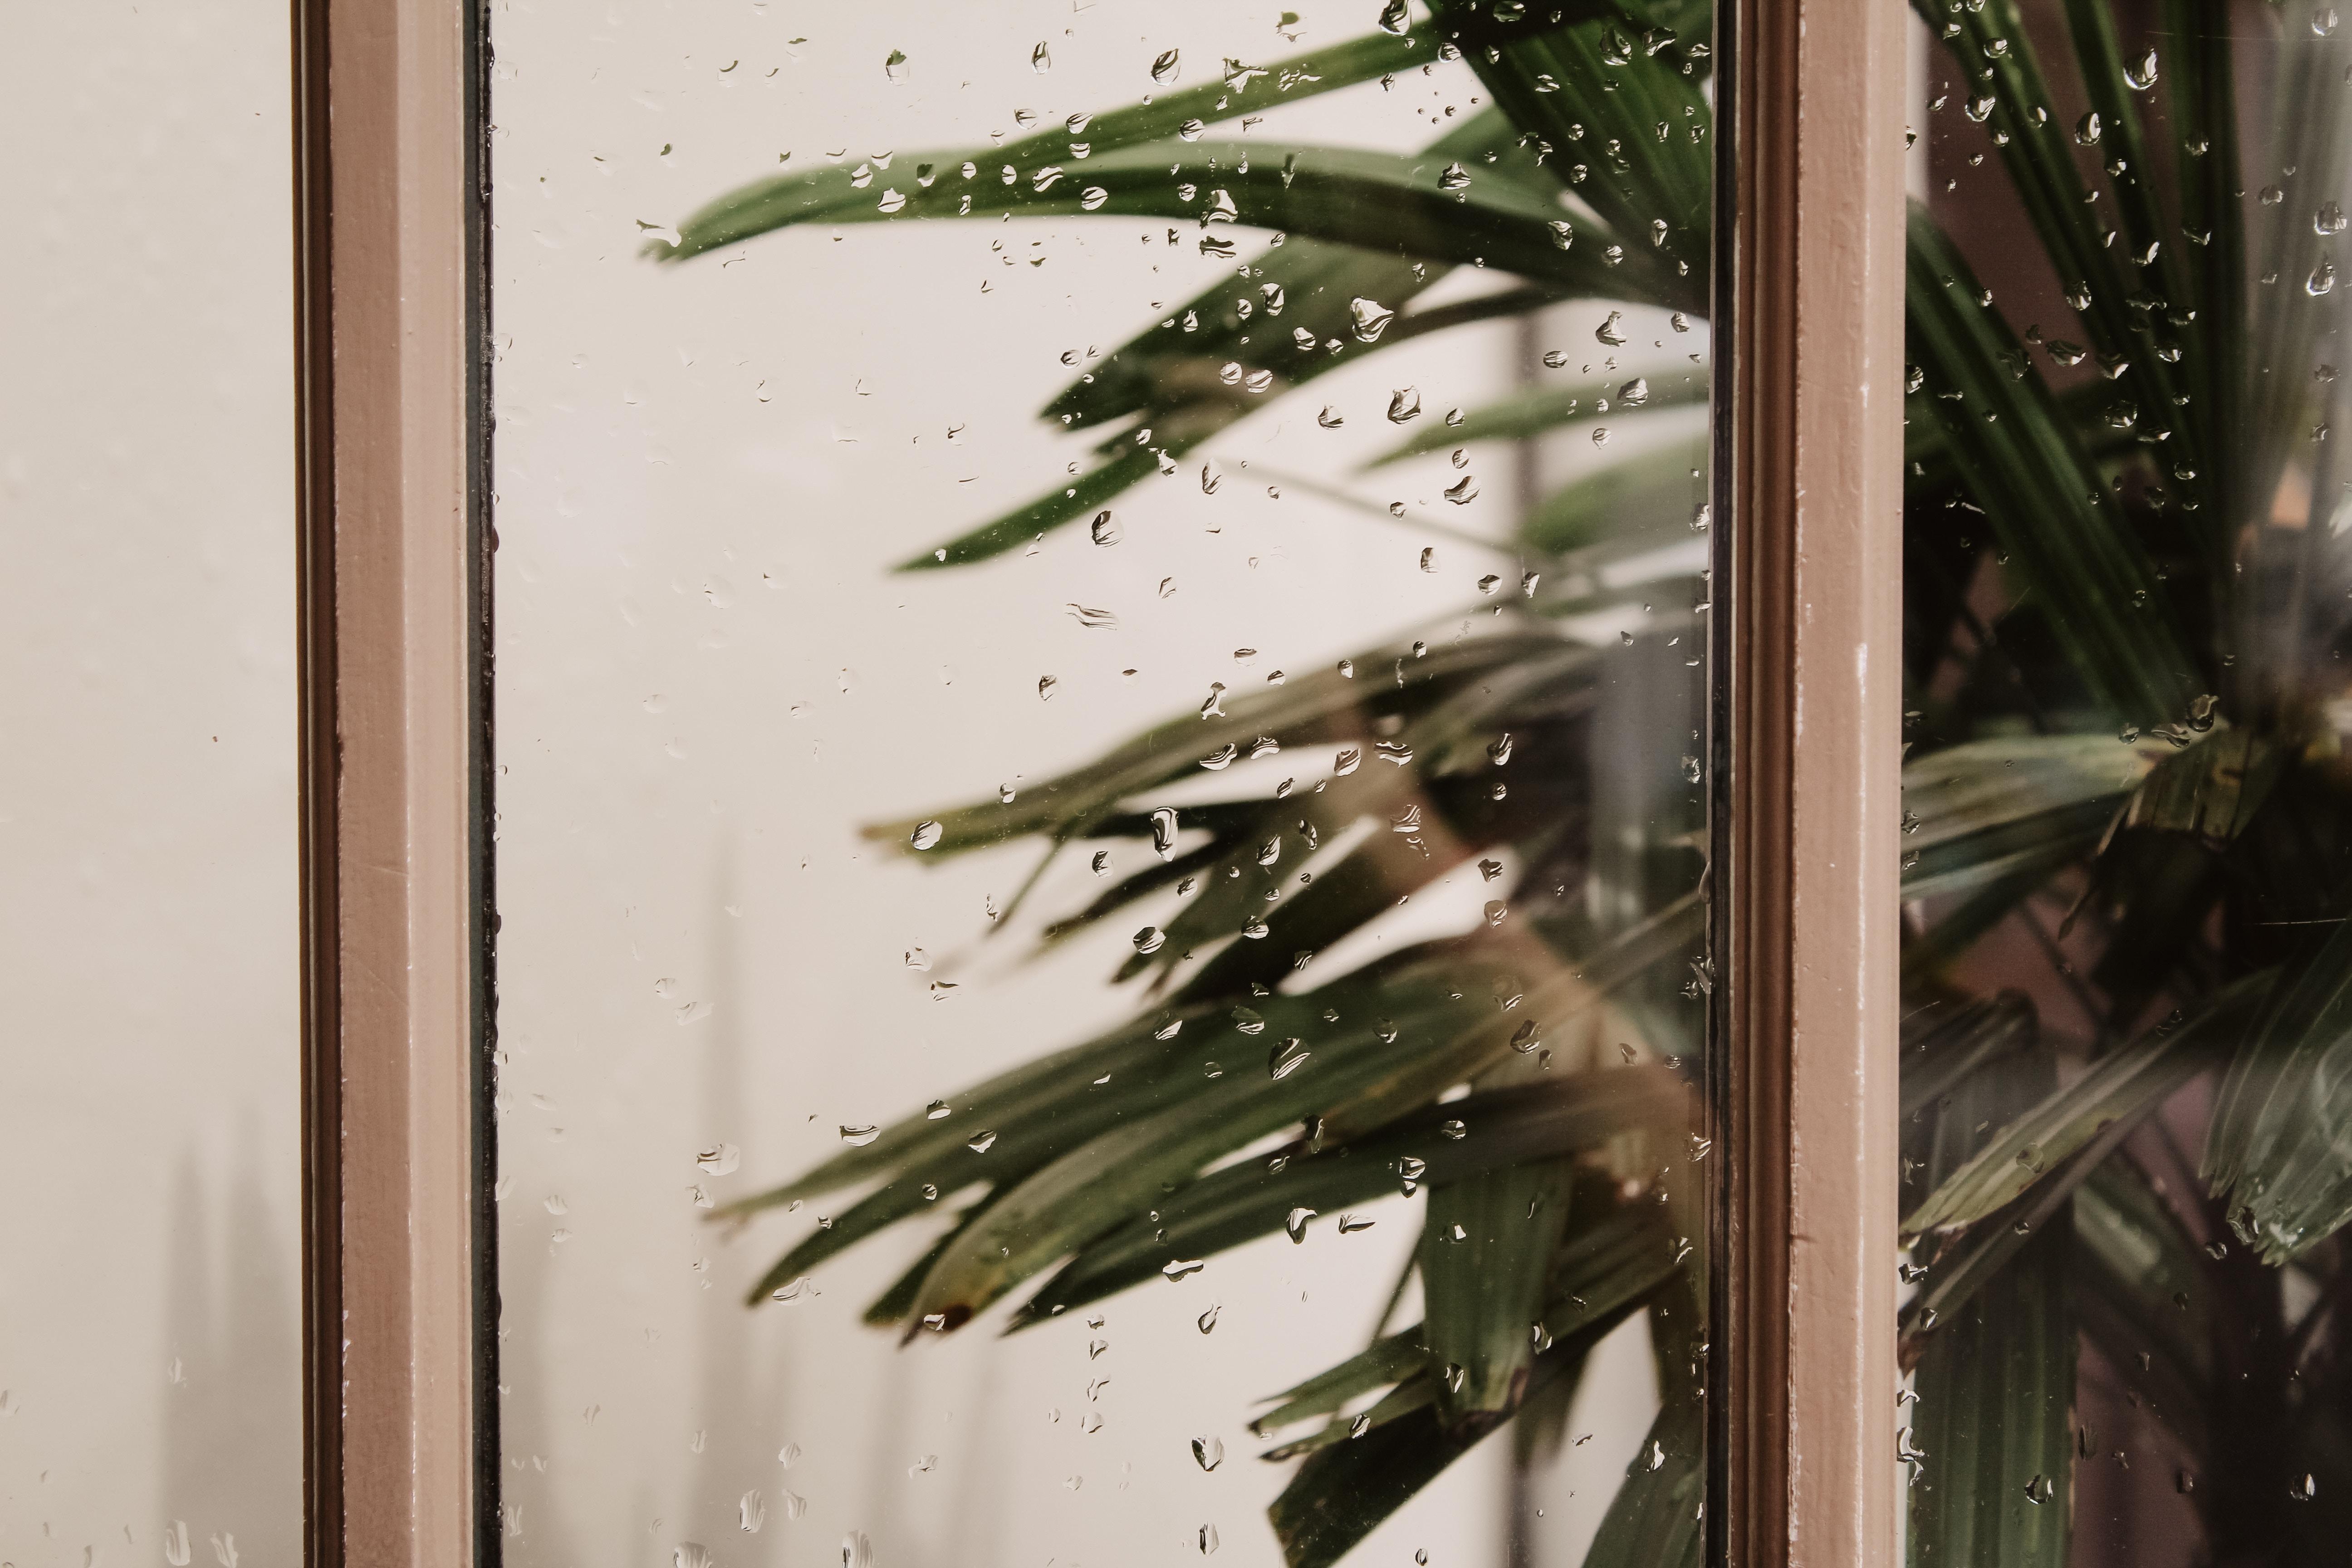 הגנה לגינה ובמרפסת מגשמים